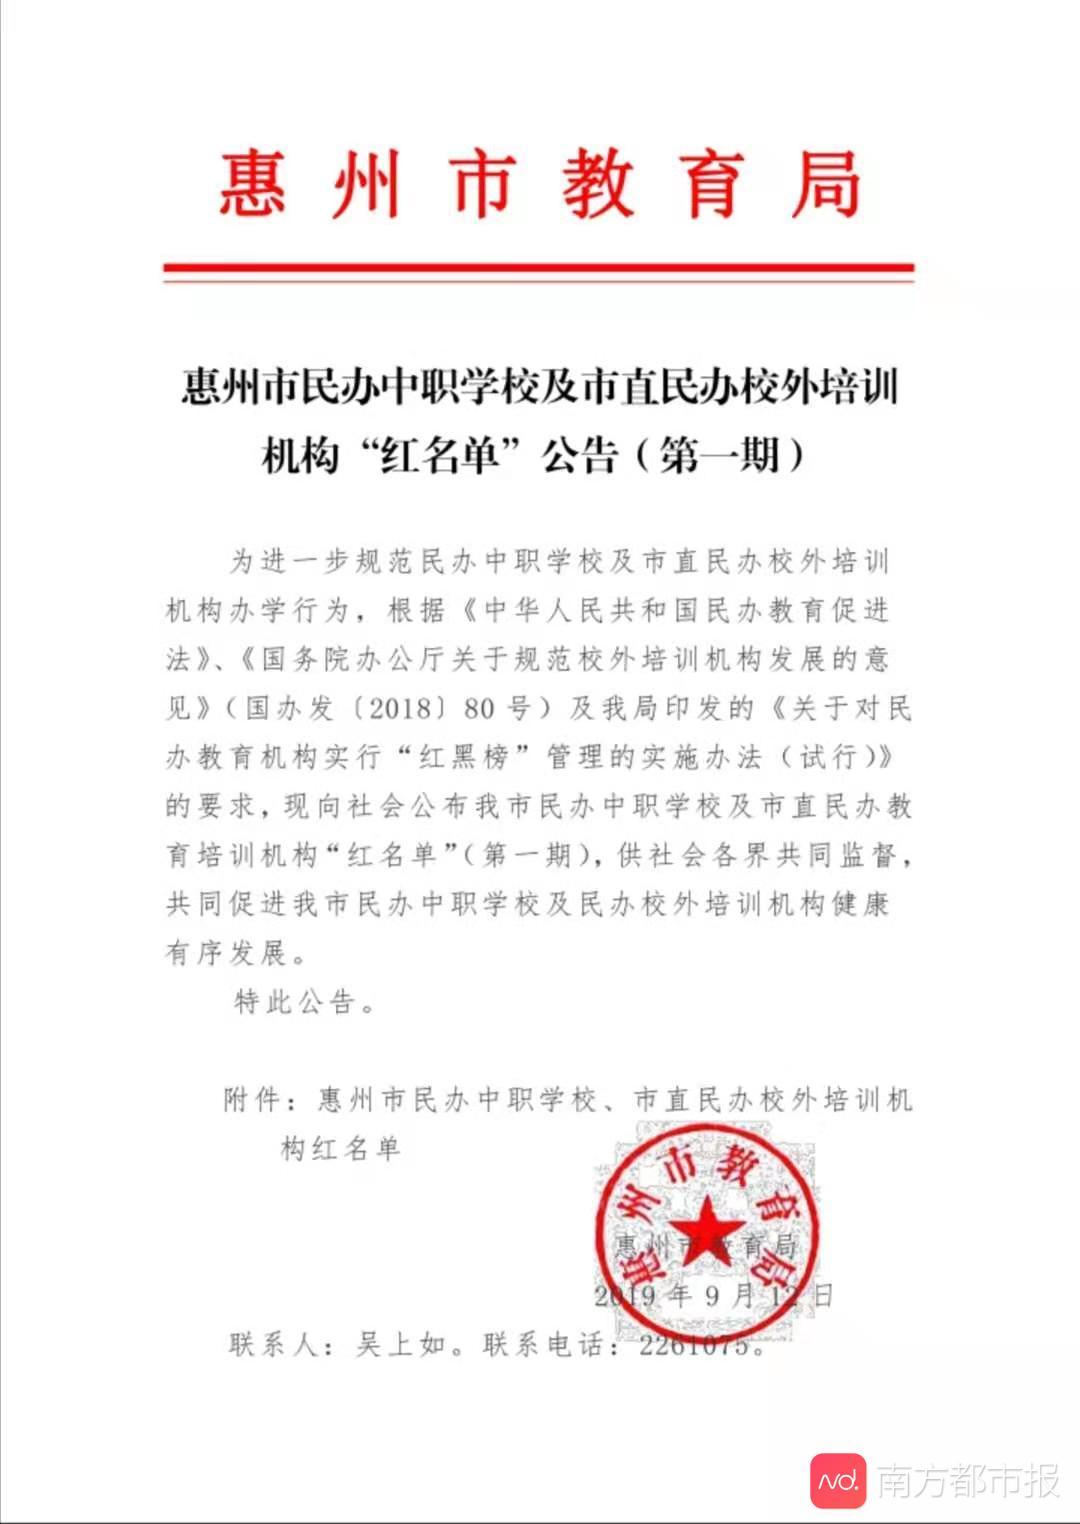 """「南方?#38469;?#25253;」惠州对民办教育机构实行 """"红黑榜""""管理,40家入选首期红名单"""